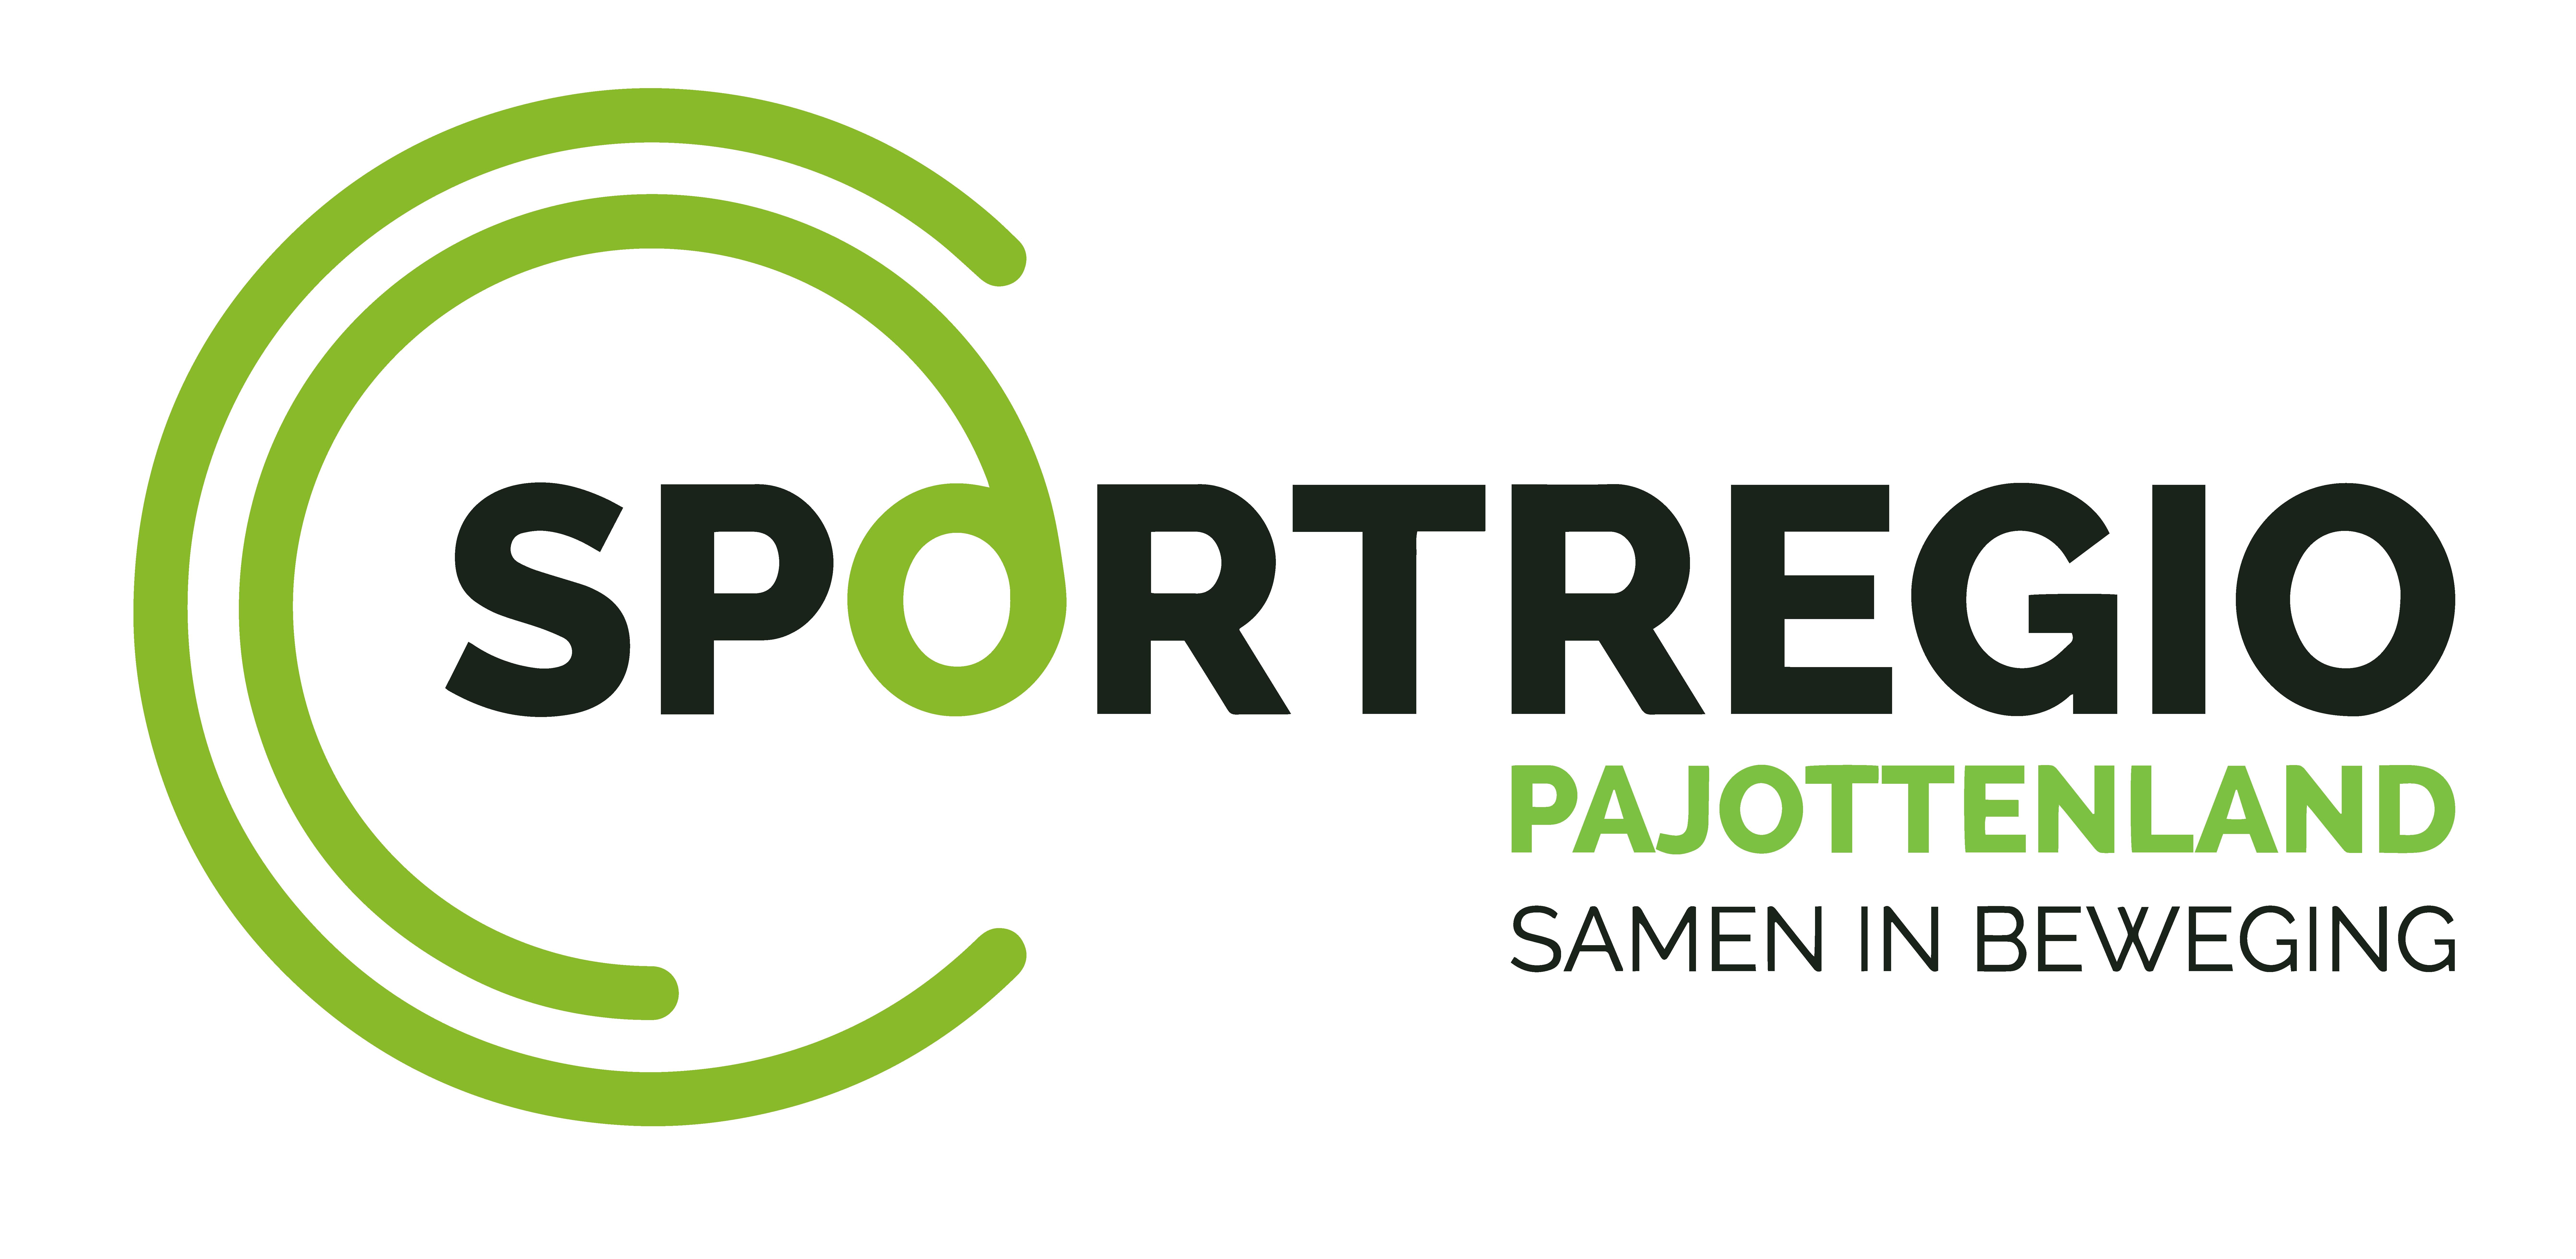 Sportregio